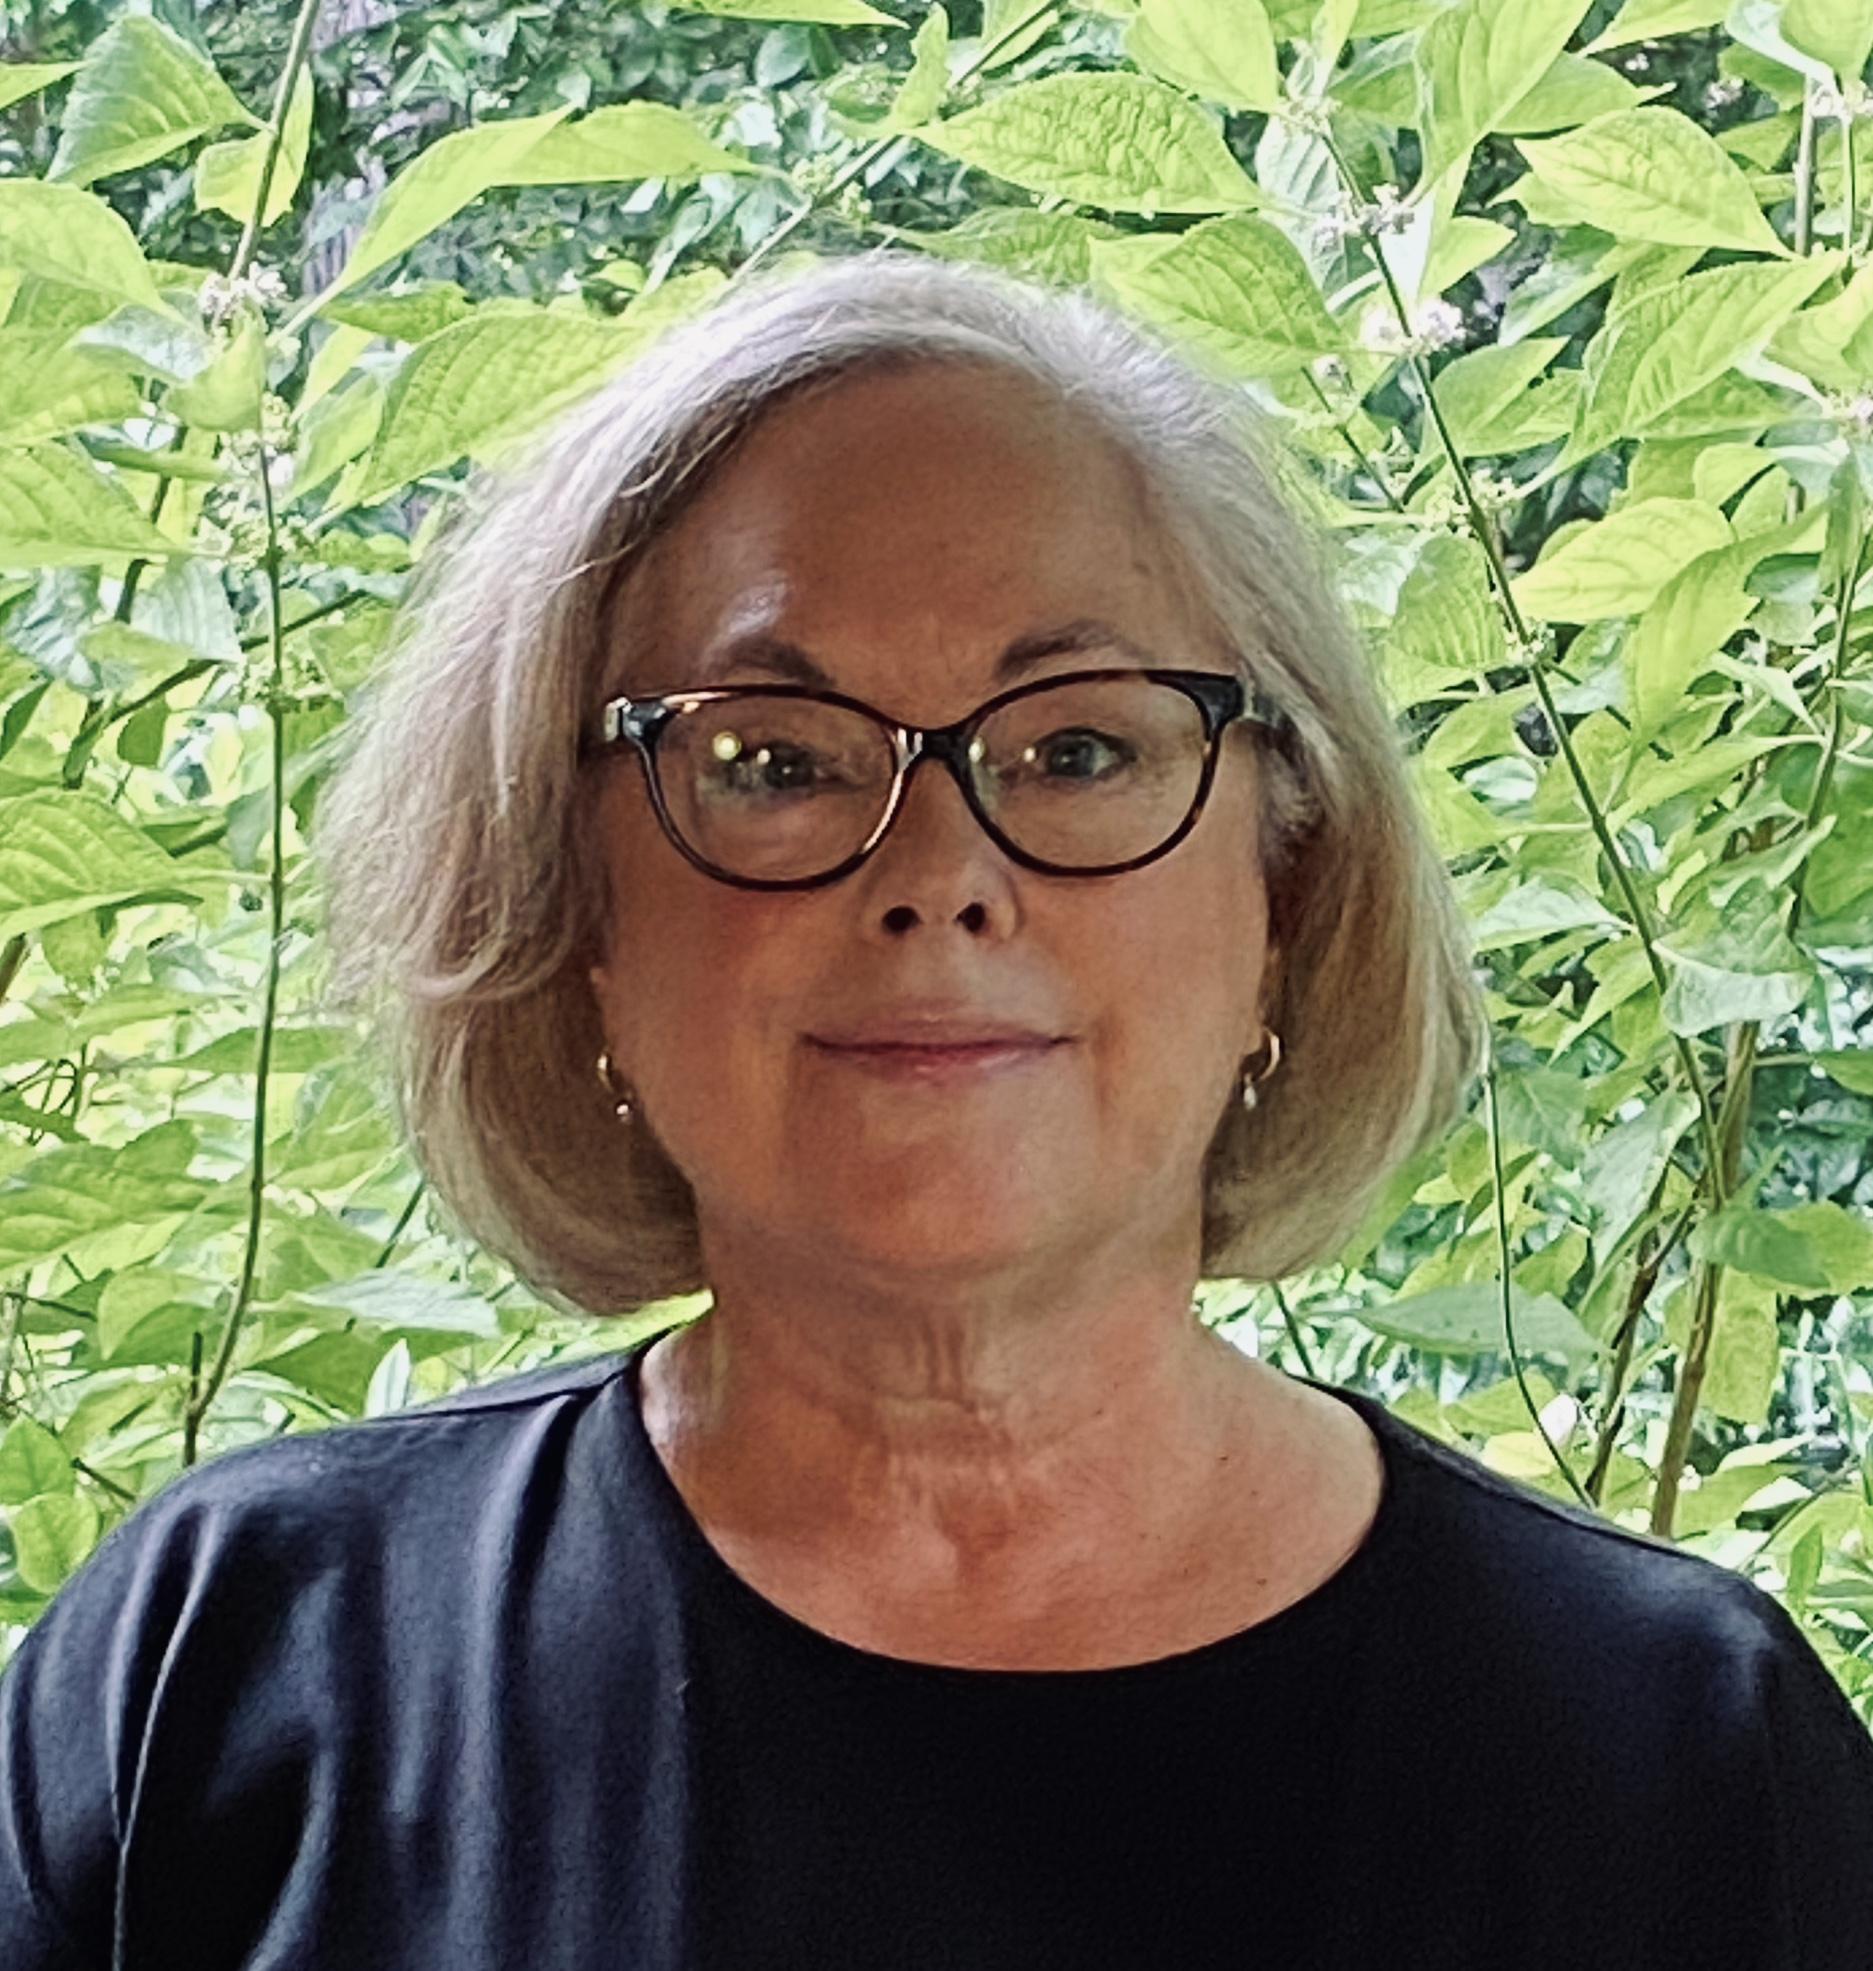 Cyndi McGill